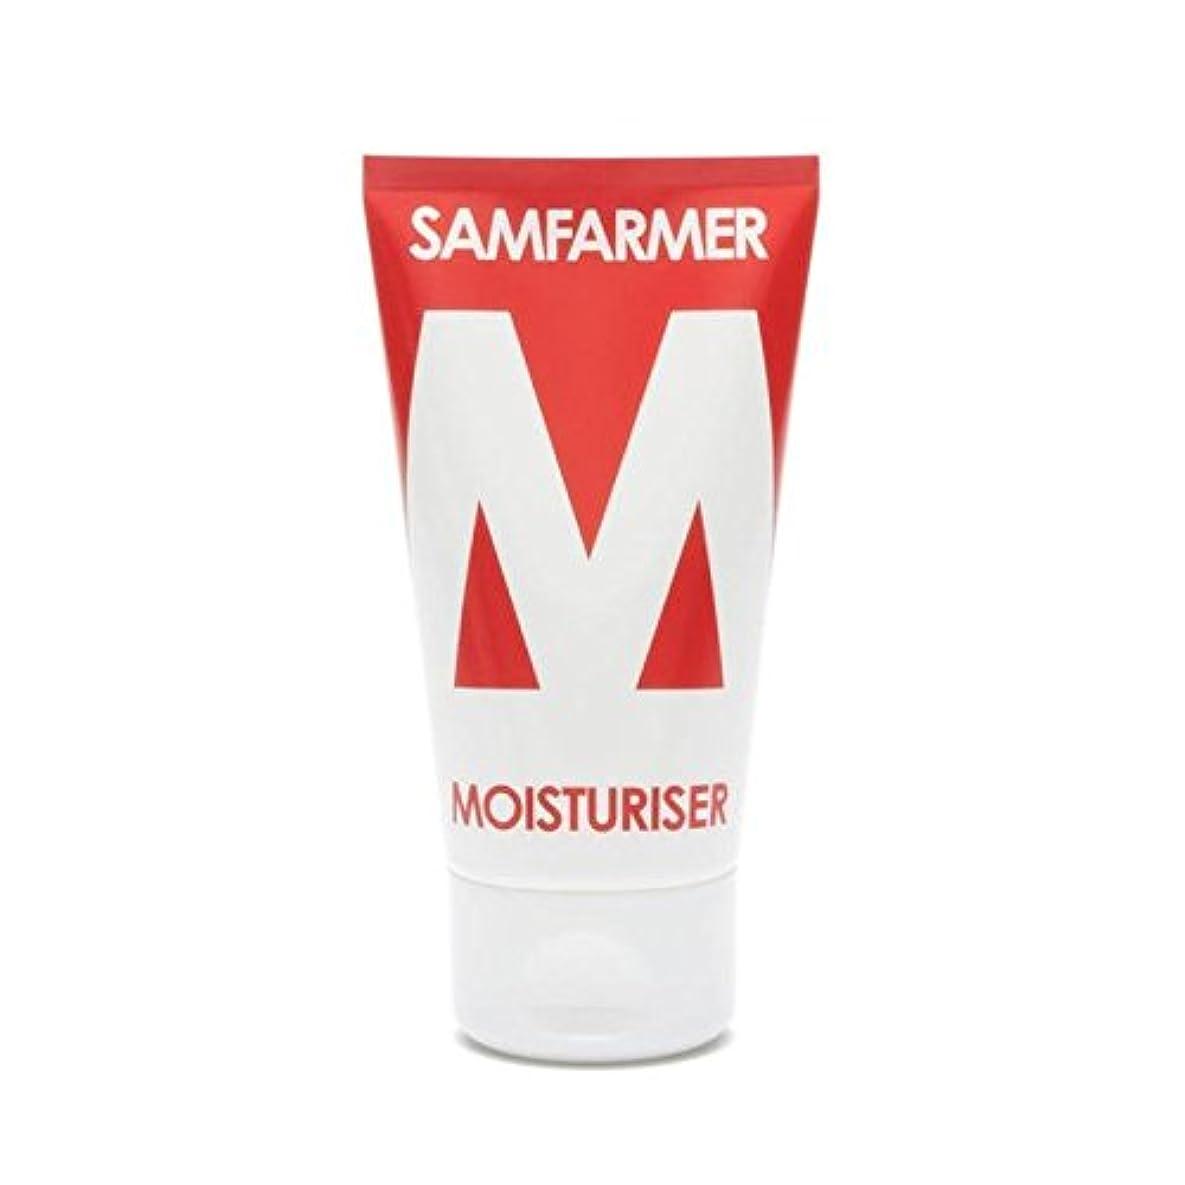 いいねバーター結果としてユニセックス保湿50ミリリットル x4 - SAMFARMER Unisex Moisturiser 50ml (Pack of 4) [並行輸入品]